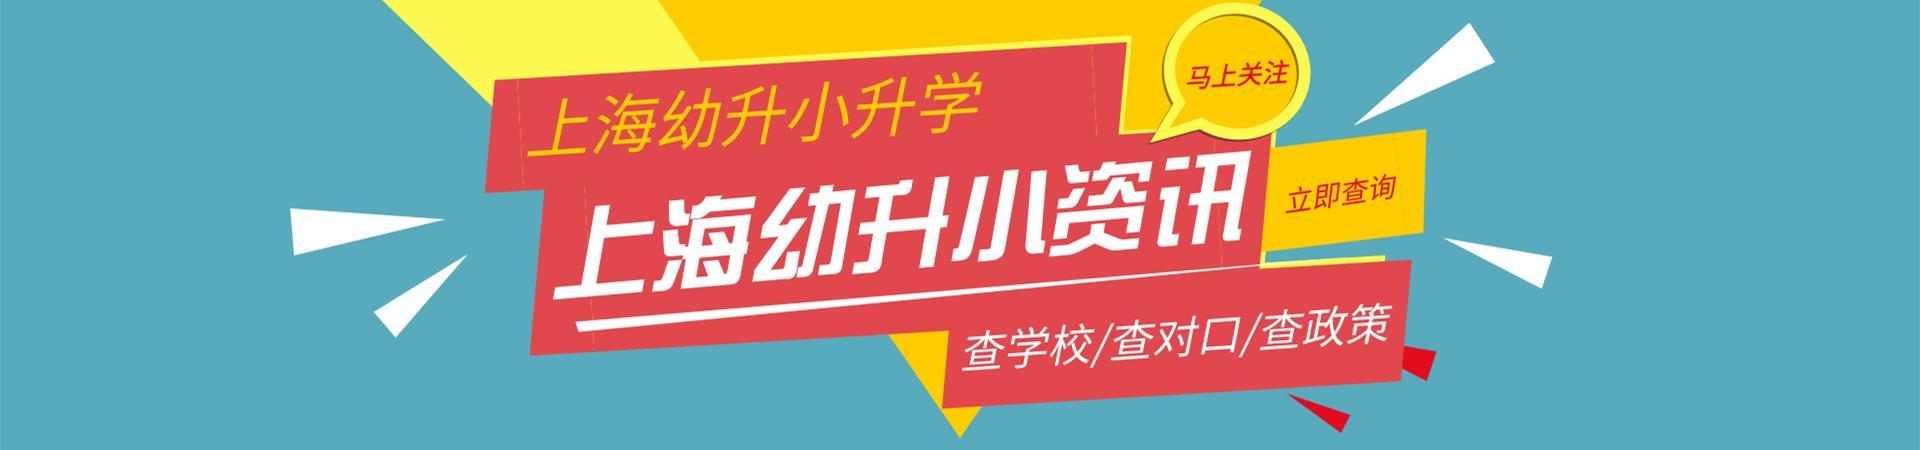 """上海小学生可以考的英语证书!第一个要""""秒杀""""才能报得上"""